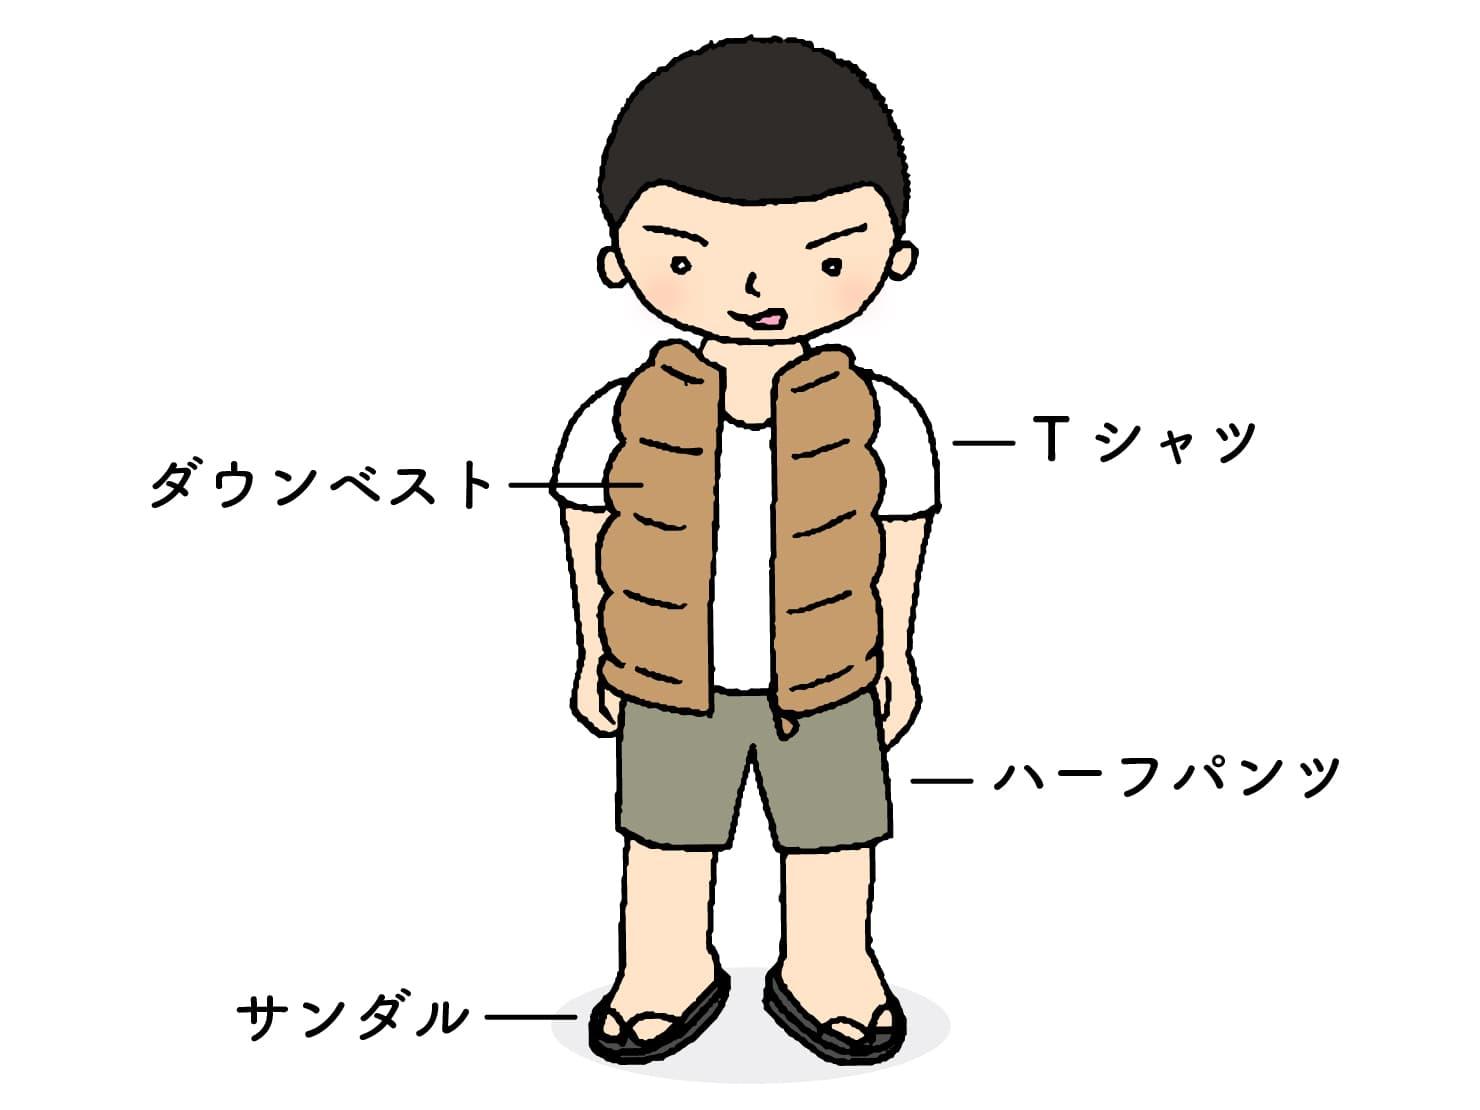 台湾男子お気に入りの冬コーデ「ダウンベスト」